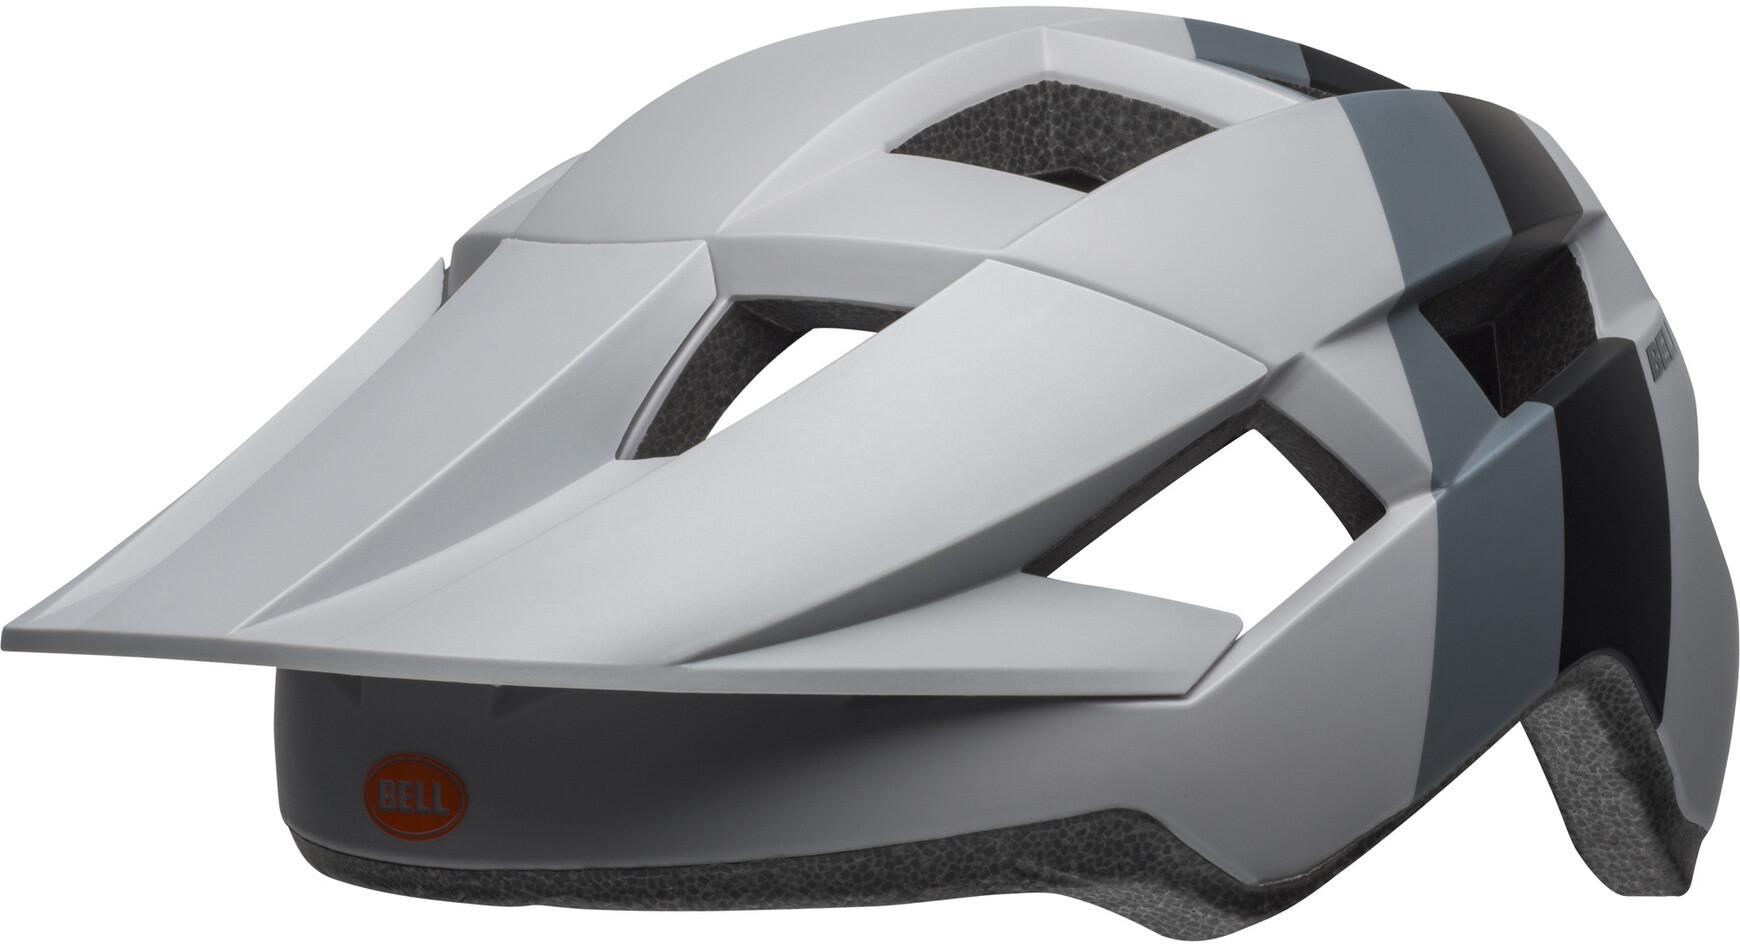 Bell Spark MIPS Cykelhjelm, downdraft matte gray/orange (2019) | Hjelme